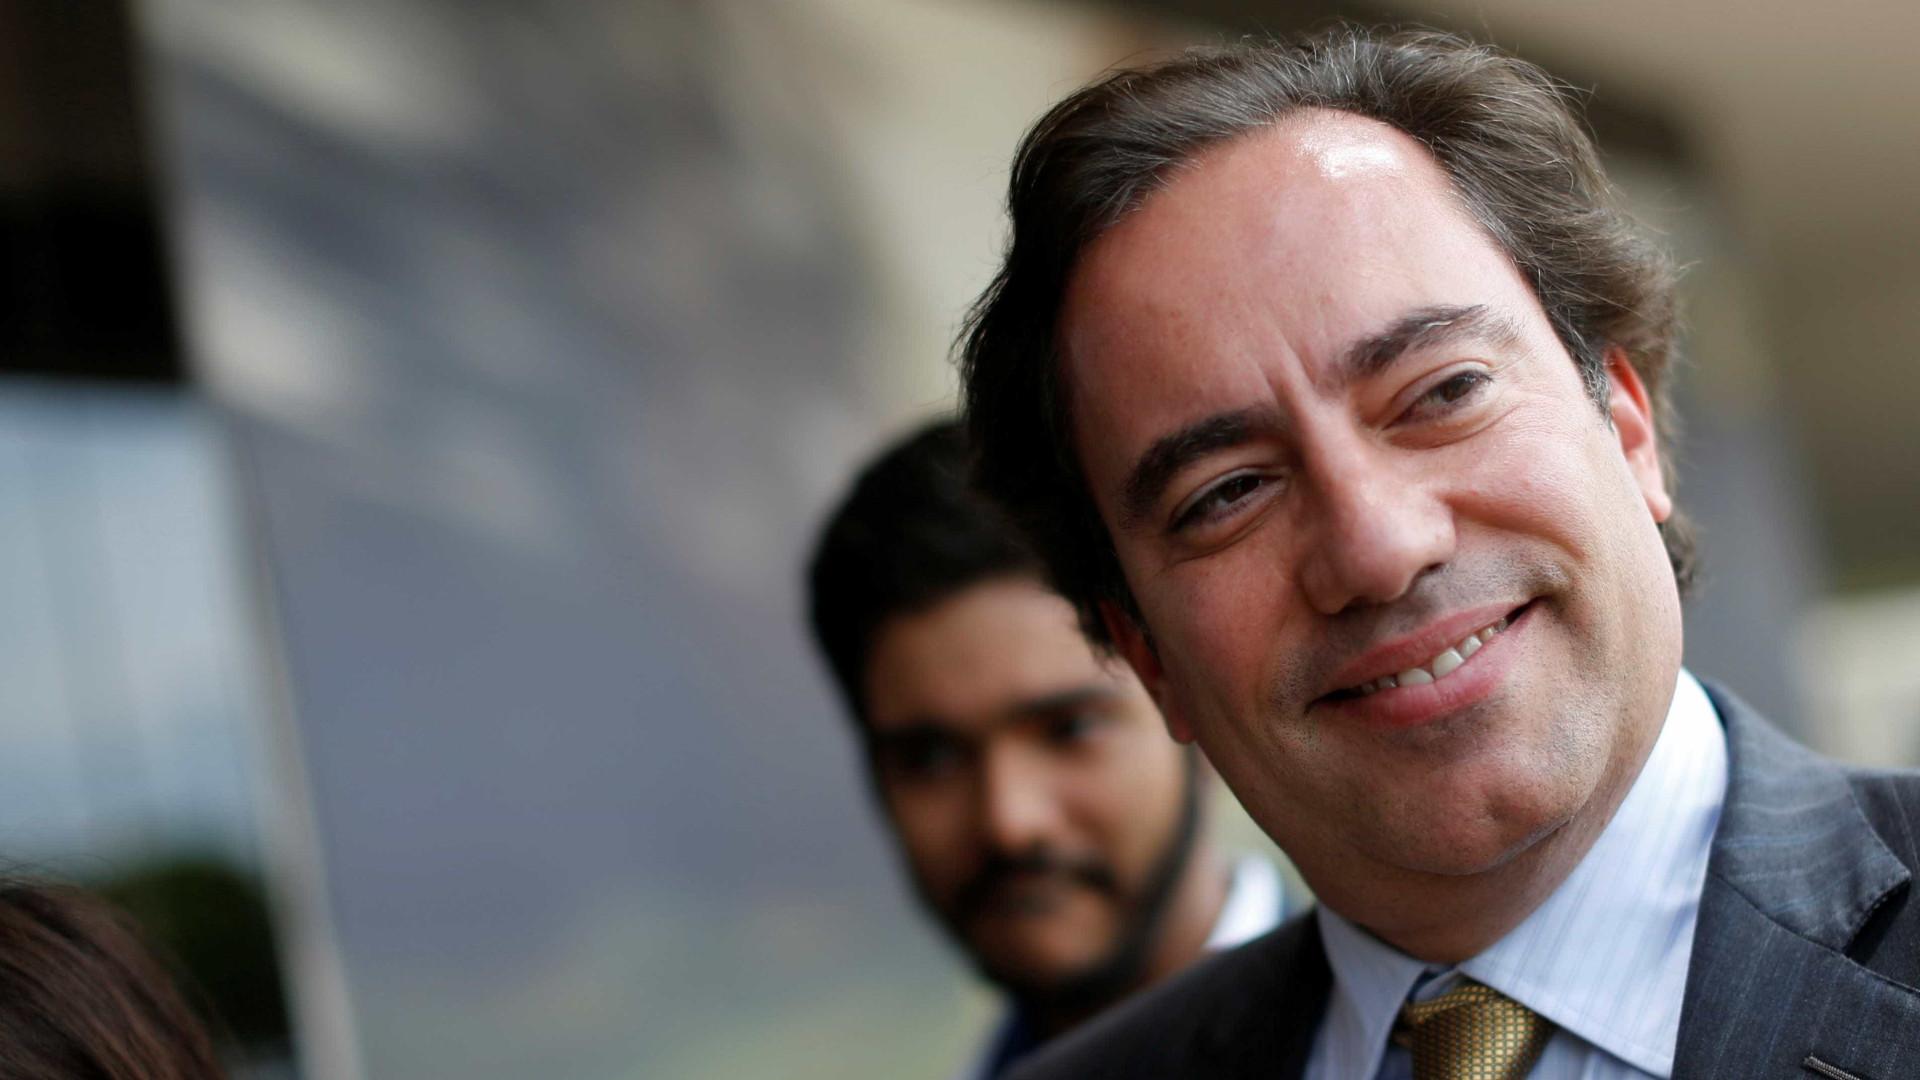 Caixa focará crédito imobiliário e baixa renda, diz novo presidente